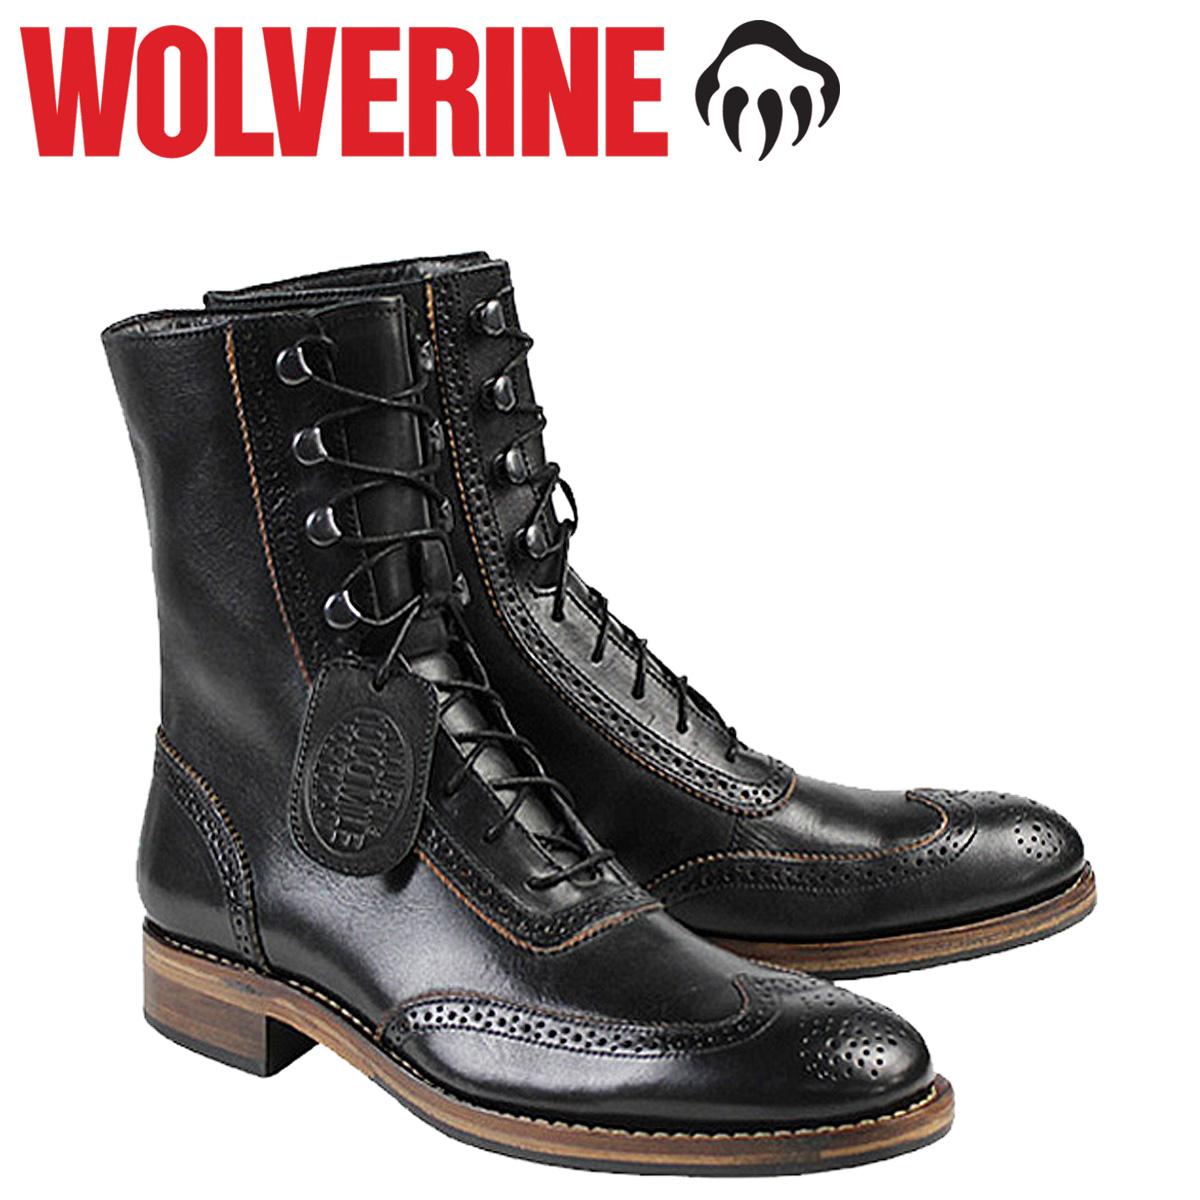 WOLVERINE ウルヴァリン 1000マイル ブーツ WINCHESTER 1000 MILE BROGUE BOOT Dワイズ W06492 ブラック ワークブーツ メンズ